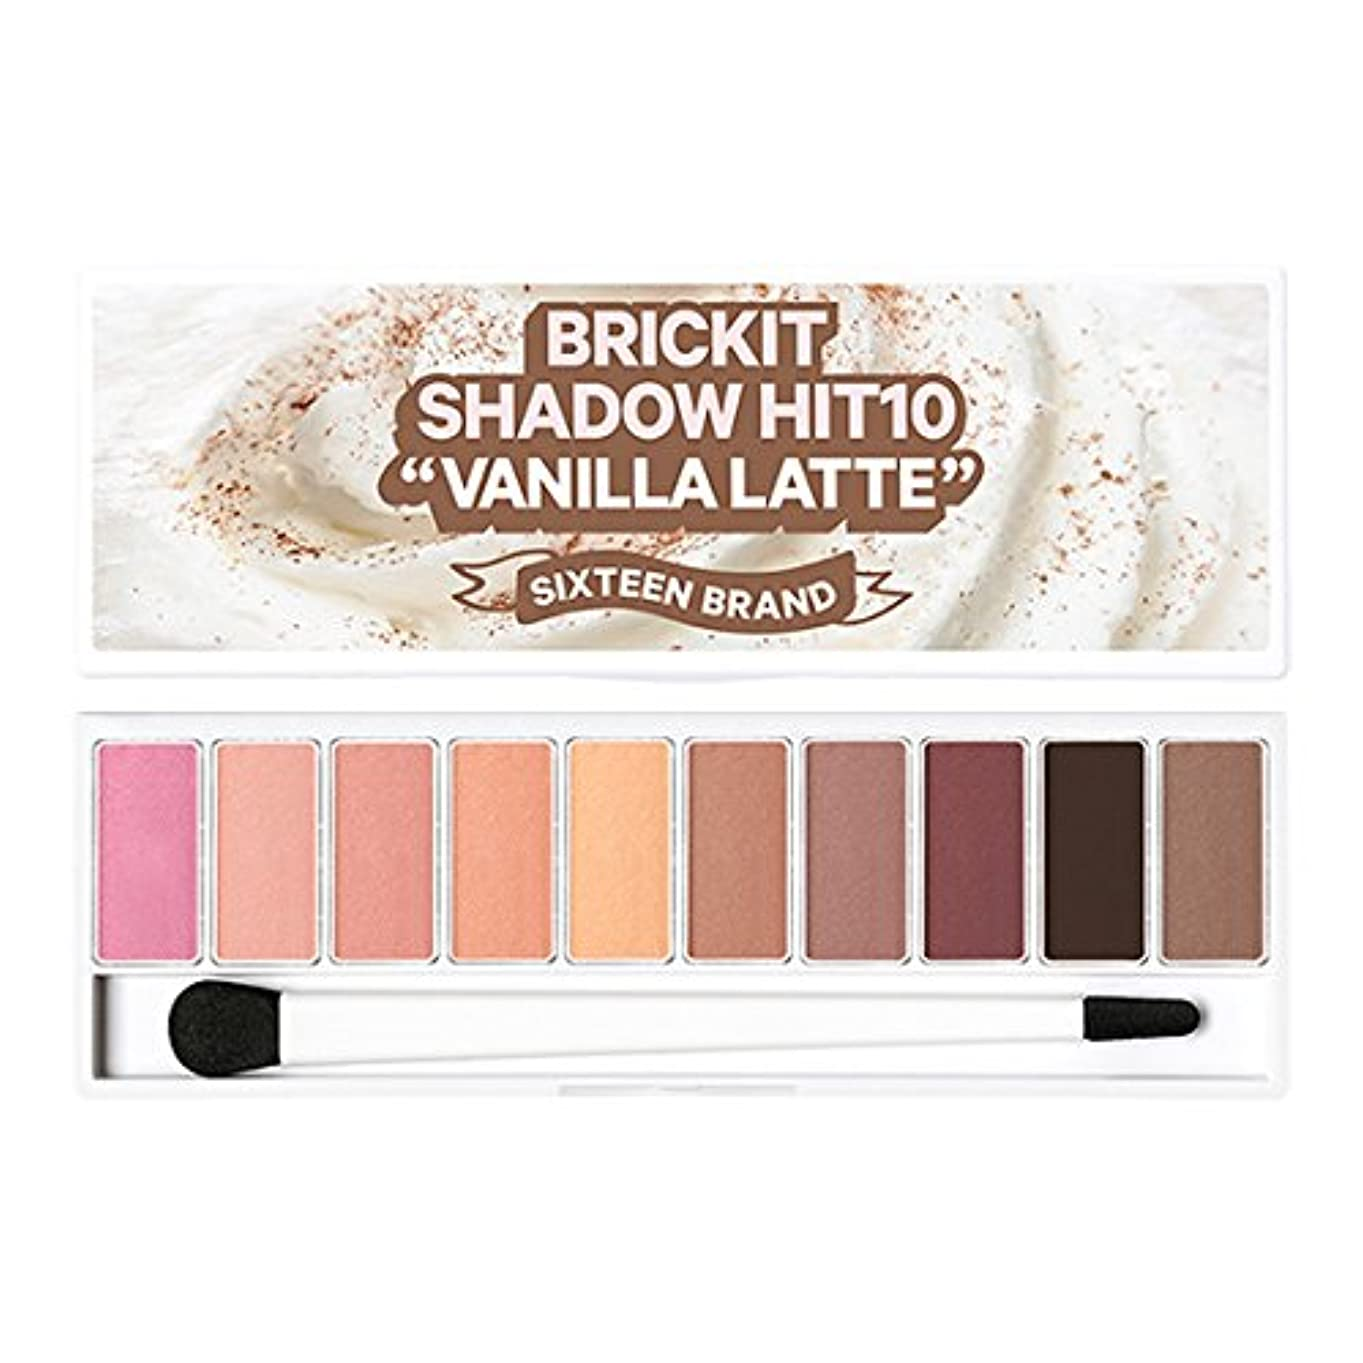 スクラップマート深さ16brand Sixteen Brickit Shadow Hit 10 Vanilla Latte 10g/16ブランド シックスティーン ブリックキット シャドウ ヒット 10 バニララテ 10g [並行輸入品]